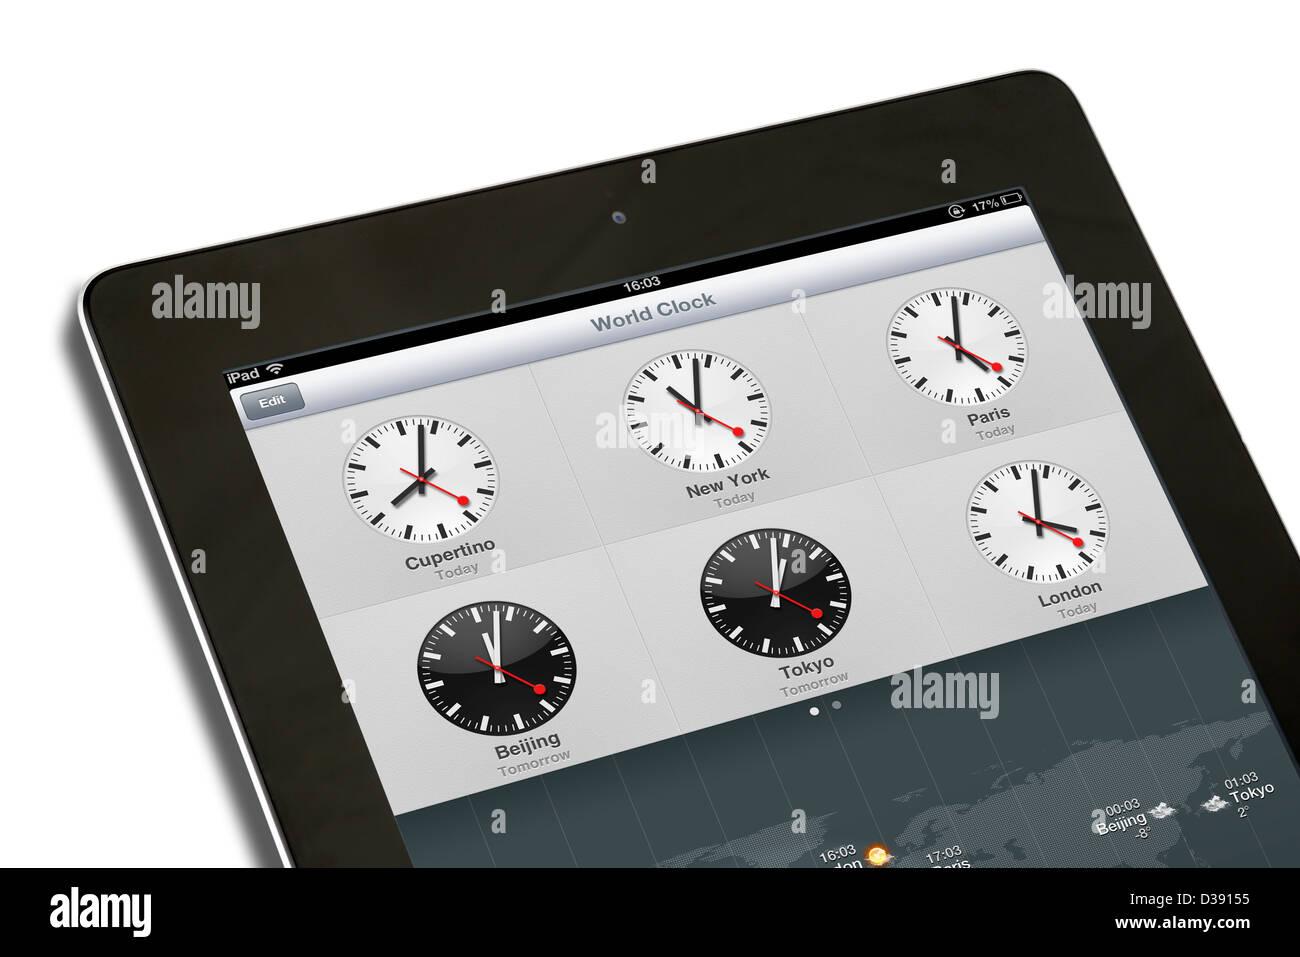 El reloj del mundo en una 4ª generación de Apple iPad tablet pc Imagen De Stock